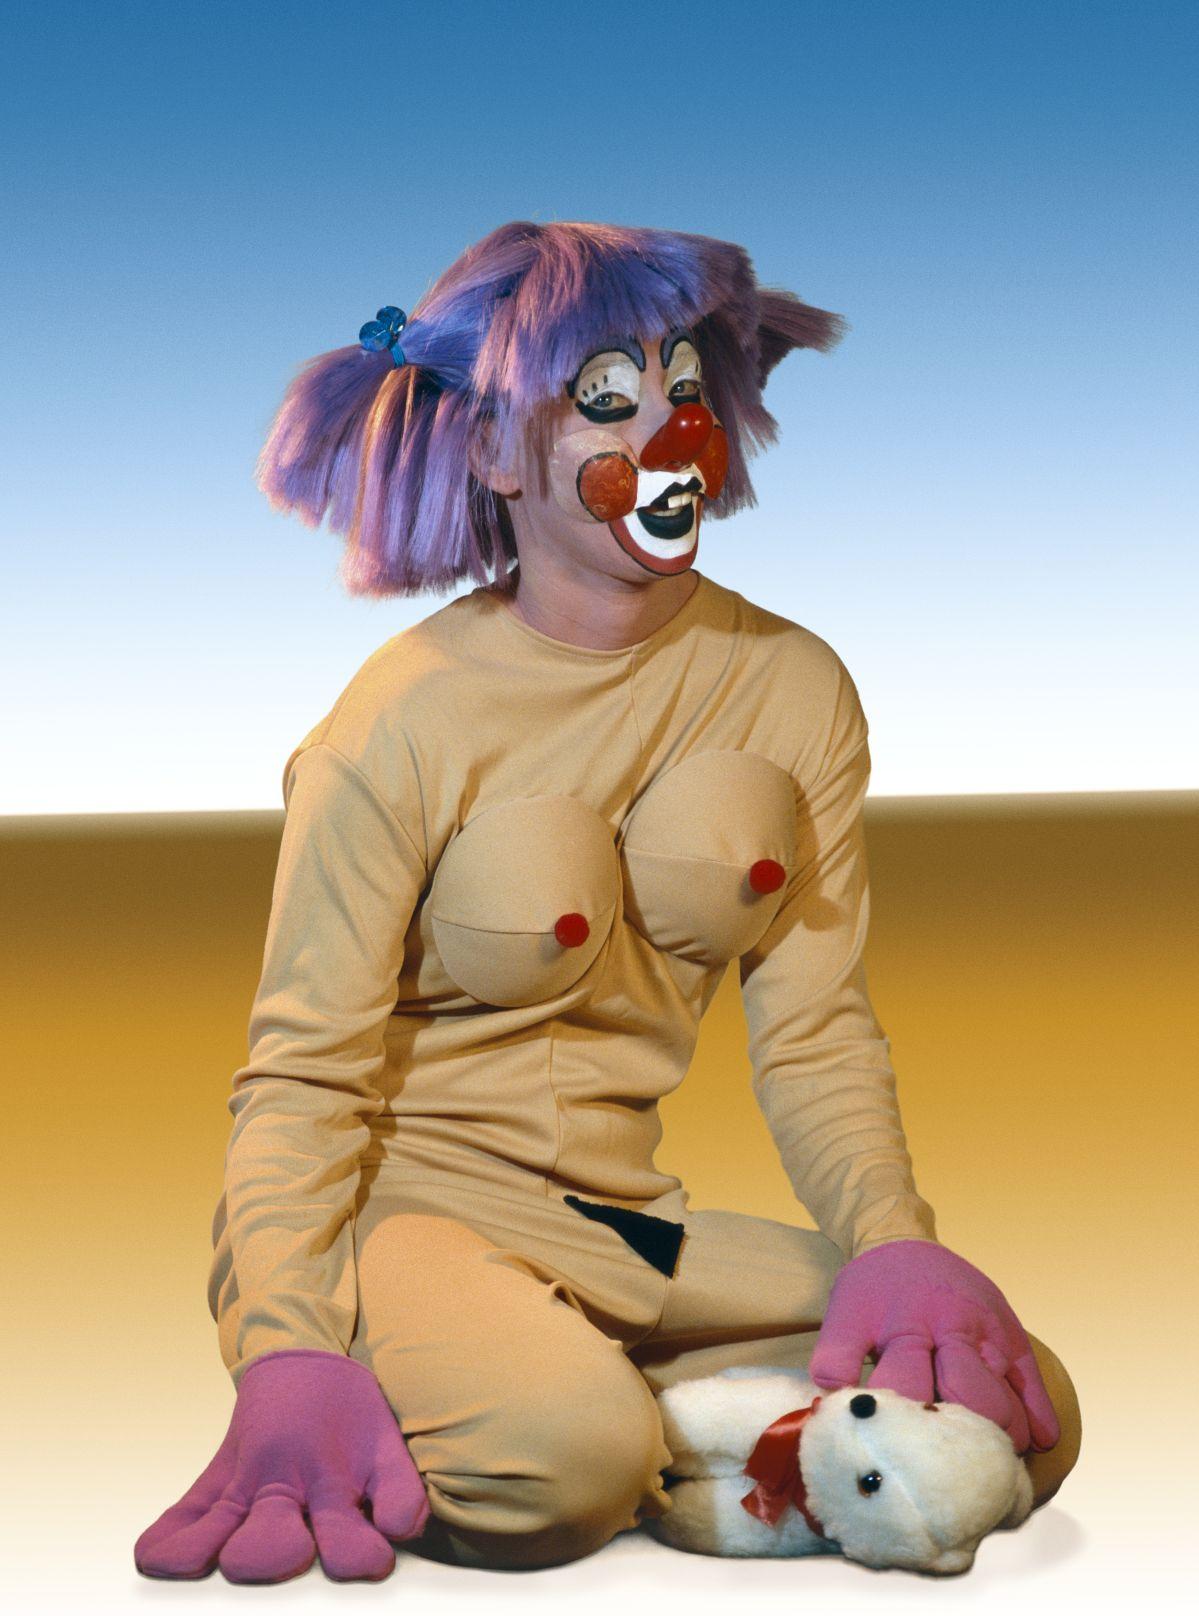 Cindy Sherman - Untitled #419, 2004 - 00s. Collection Cranford - les années 2000 au MO.CO. Montpellier C-print. 167,6 x 124,5 cm. Courtesy de l'artiste; Metro Pictures, New York; et Sprüth Magers